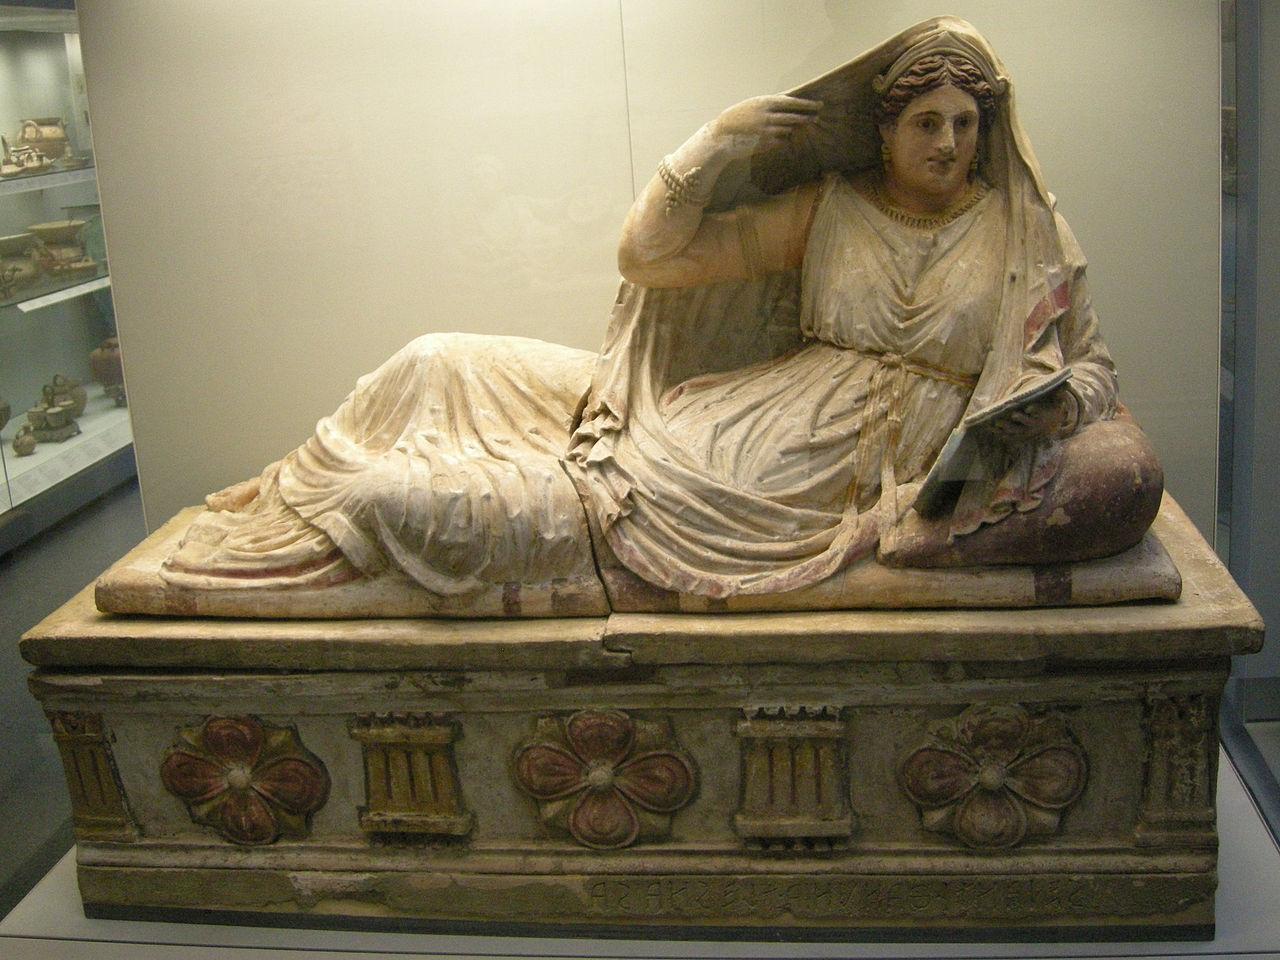 File:Arte etrusca, sarcofago di thanunia seianti, 150-130 ...